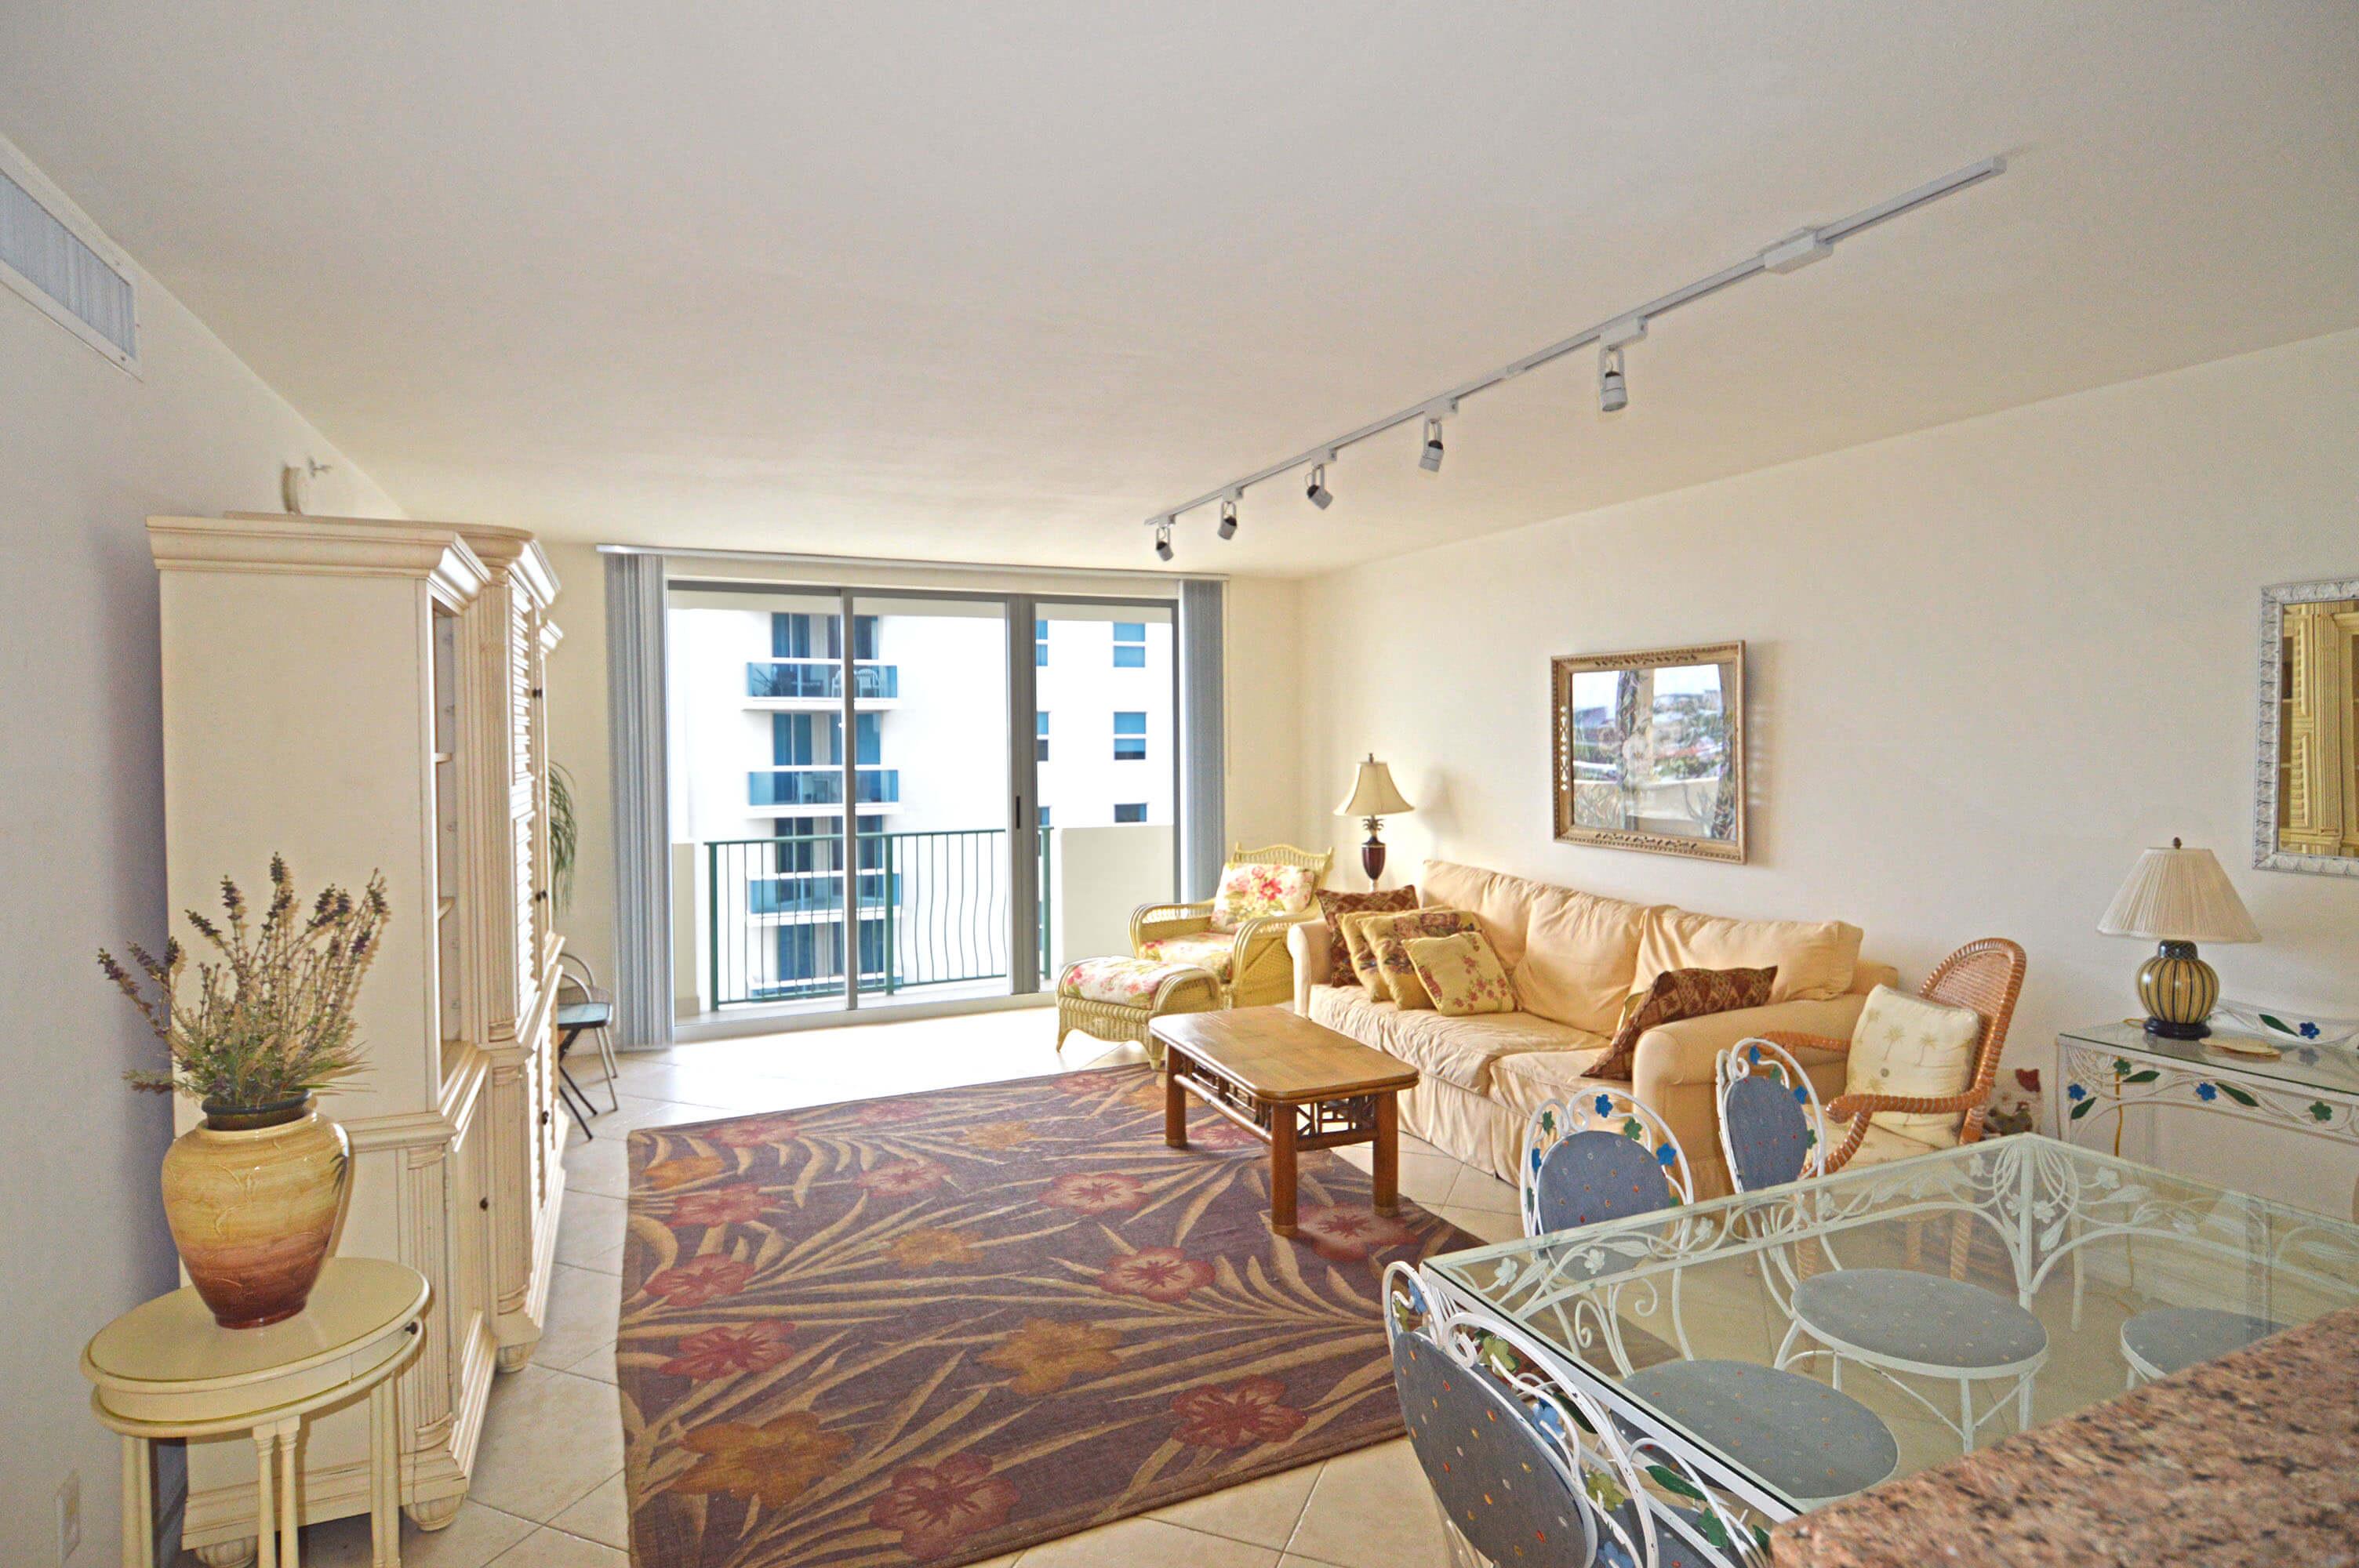 9195 Collins Avenue, Unit 1013 Surfside FL 33154 - Living Room